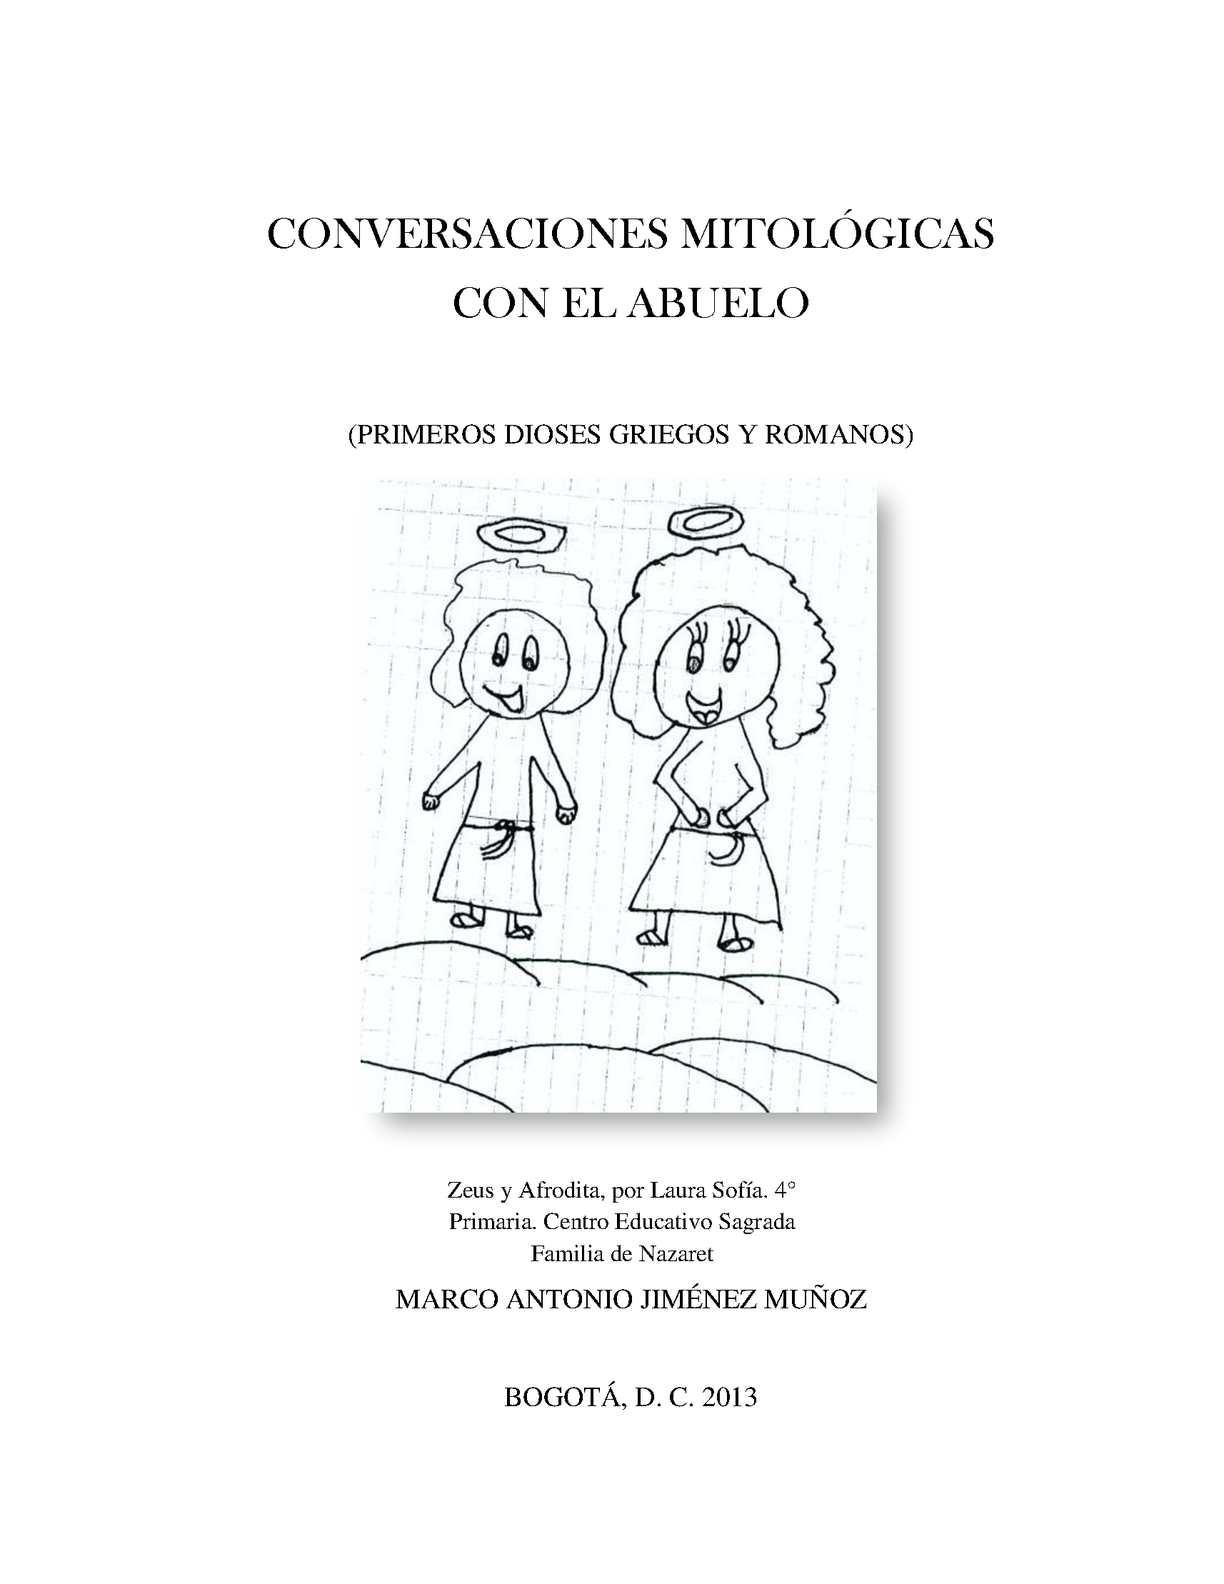 Calaméo - Libro De Mitología Definitivo Portada Marco A